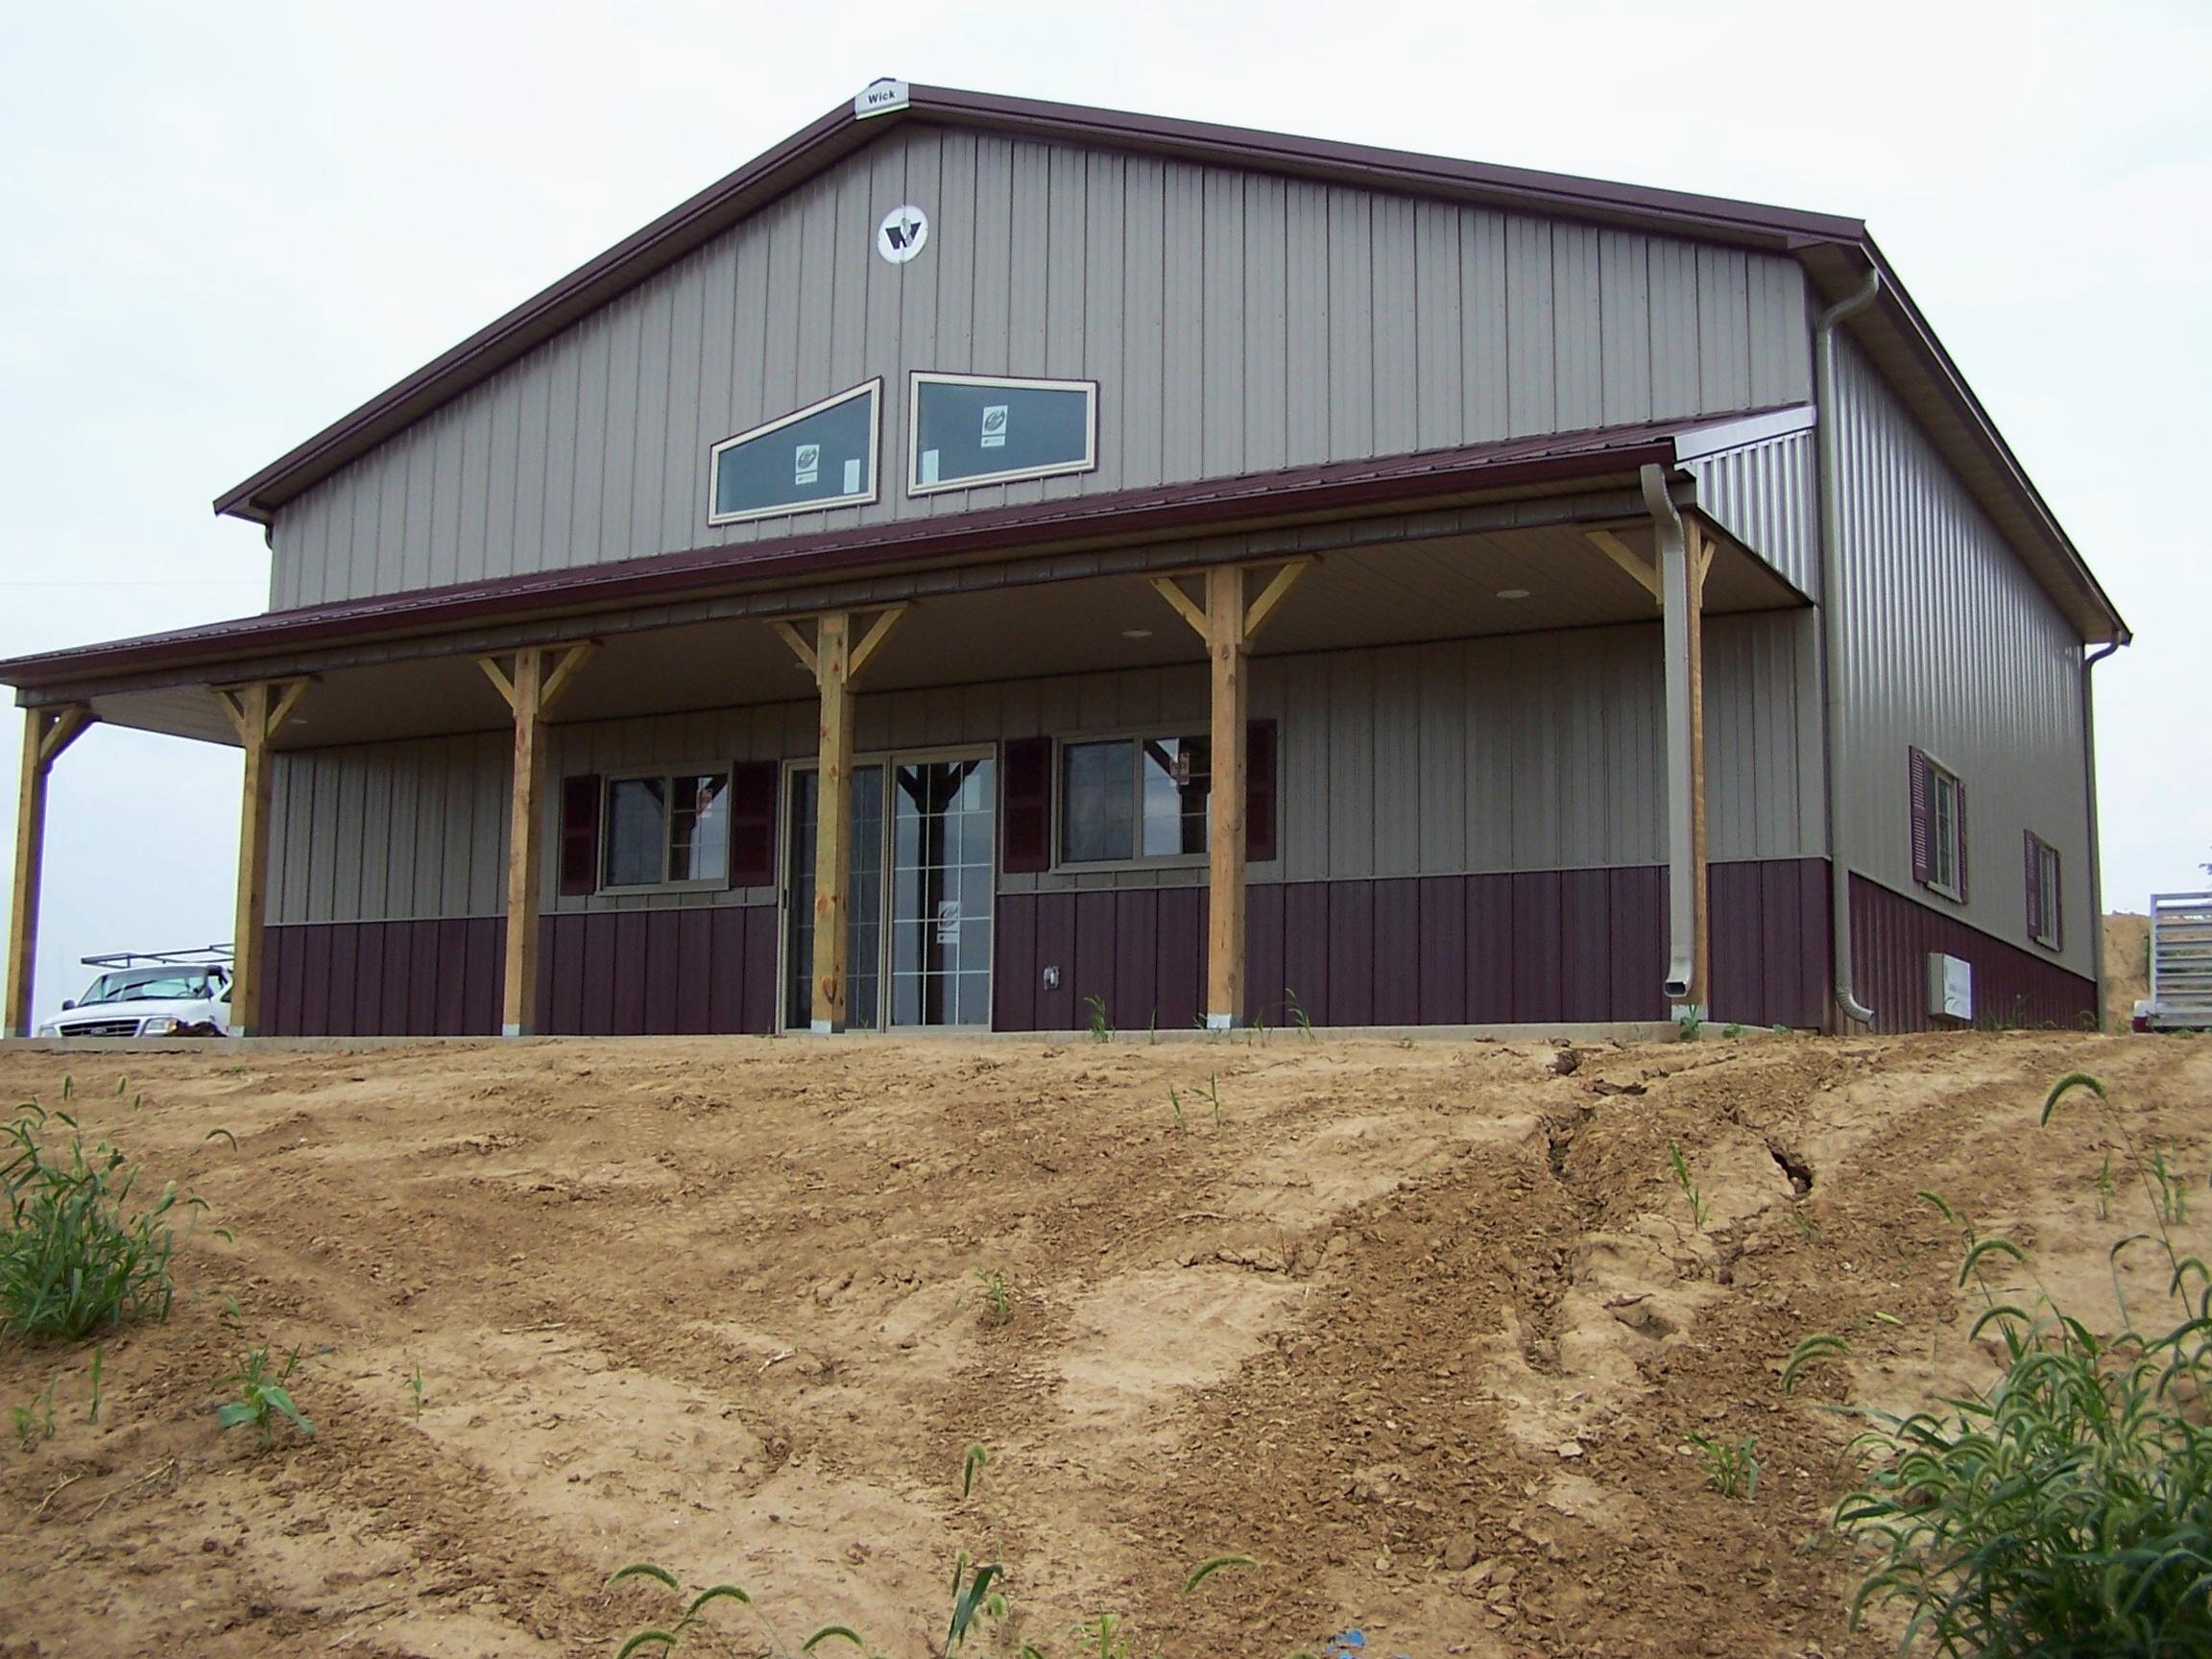 Pole Barn Sheds, Garages, and workshops